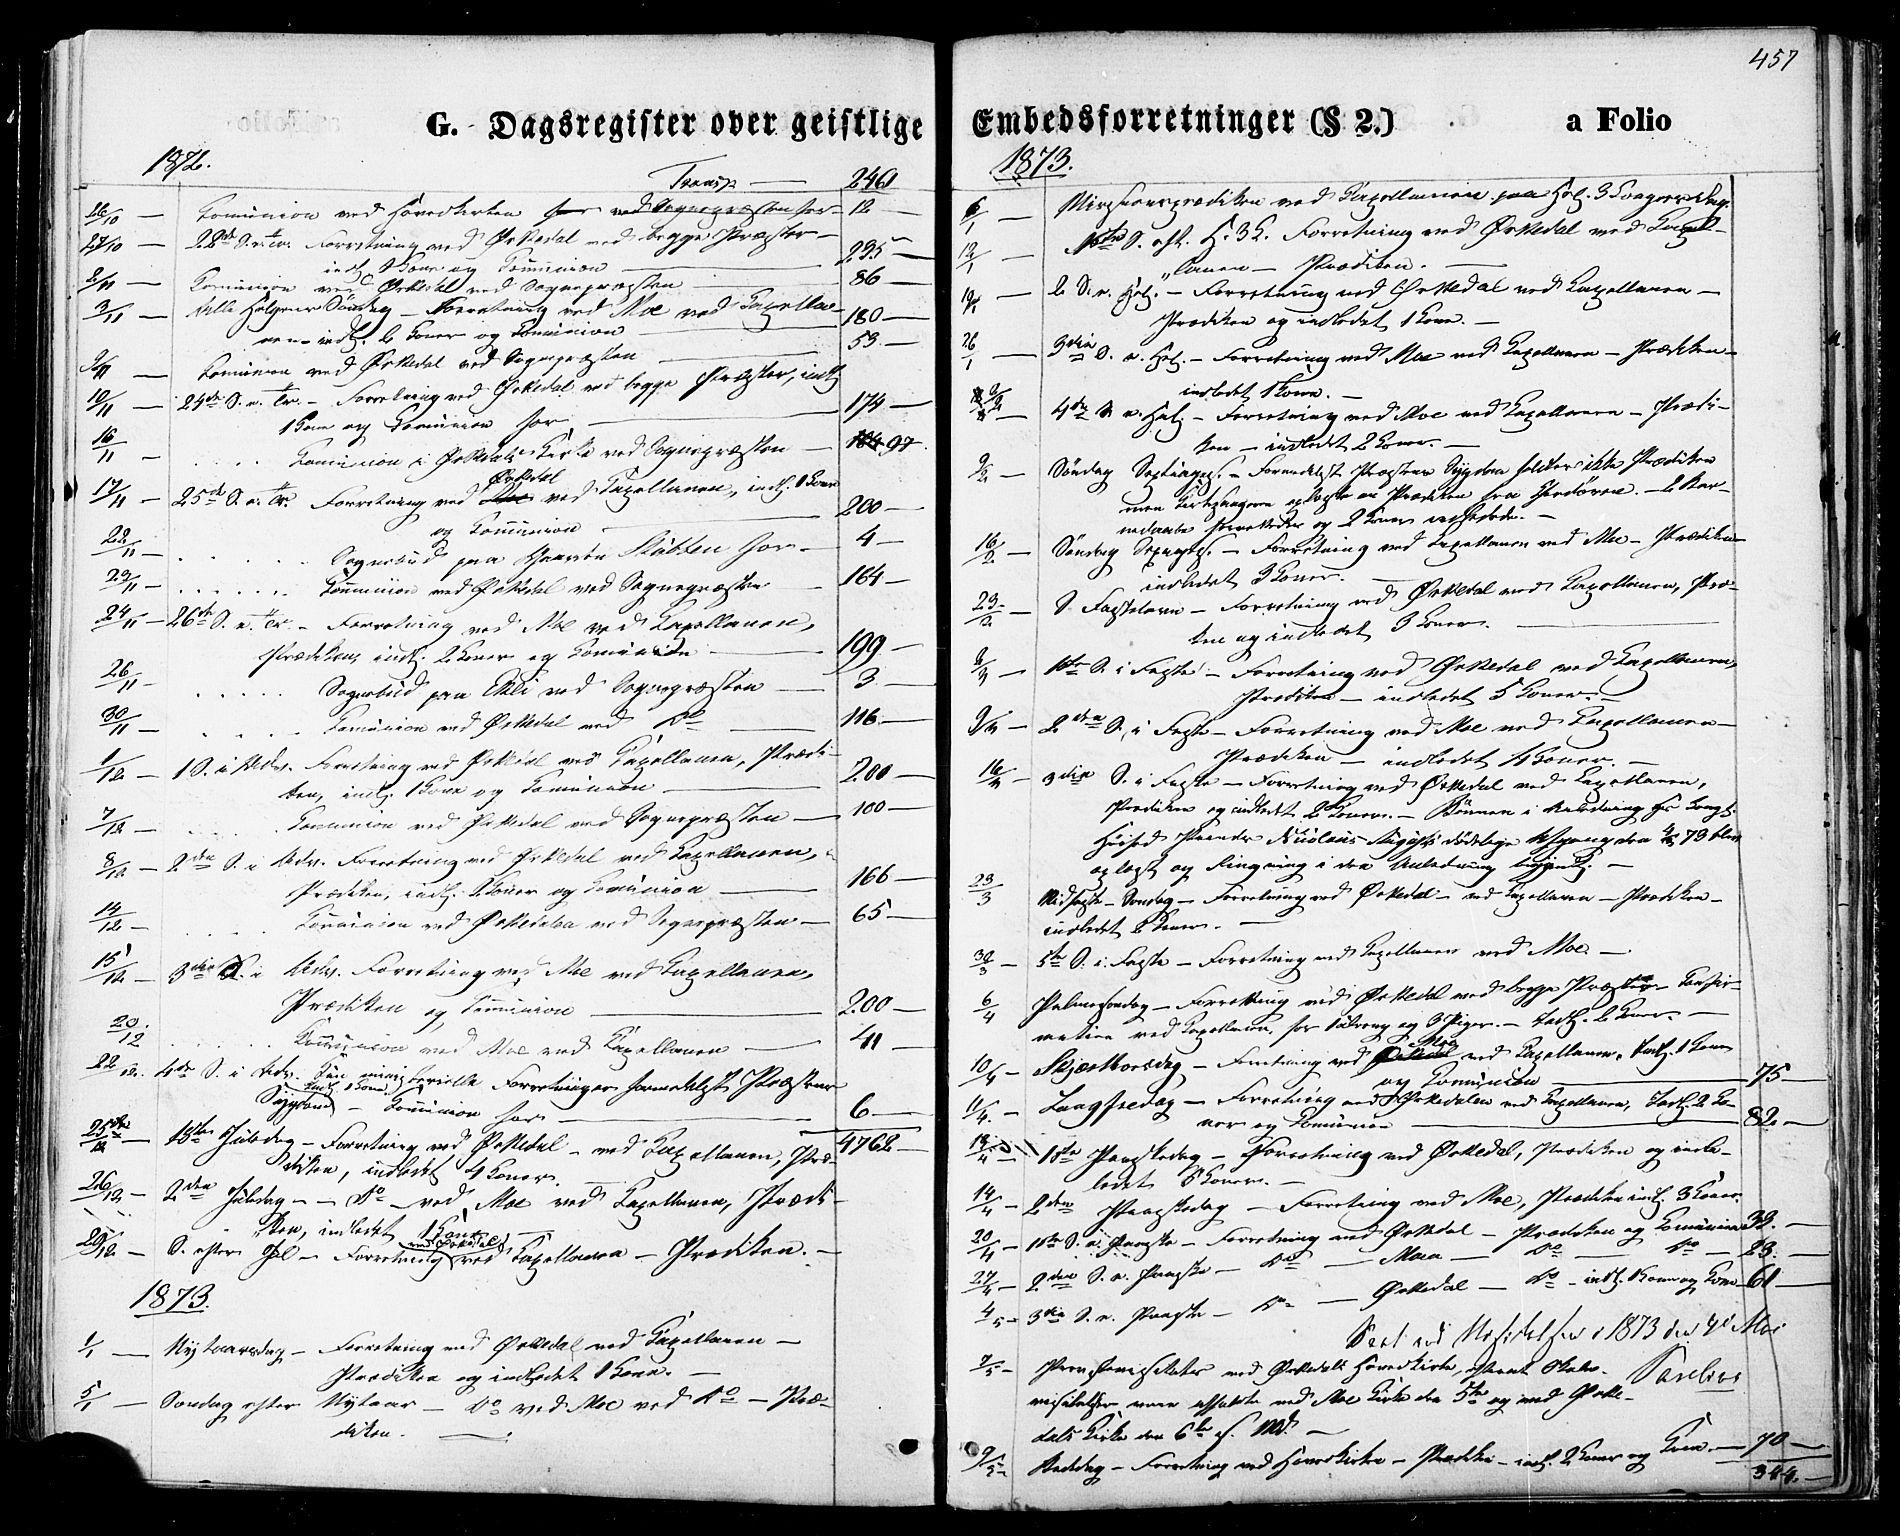 SAT, Ministerialprotokoller, klokkerbøker og fødselsregistre - Sør-Trøndelag, 668/L0807: Ministerialbok nr. 668A07, 1870-1880, s. 457